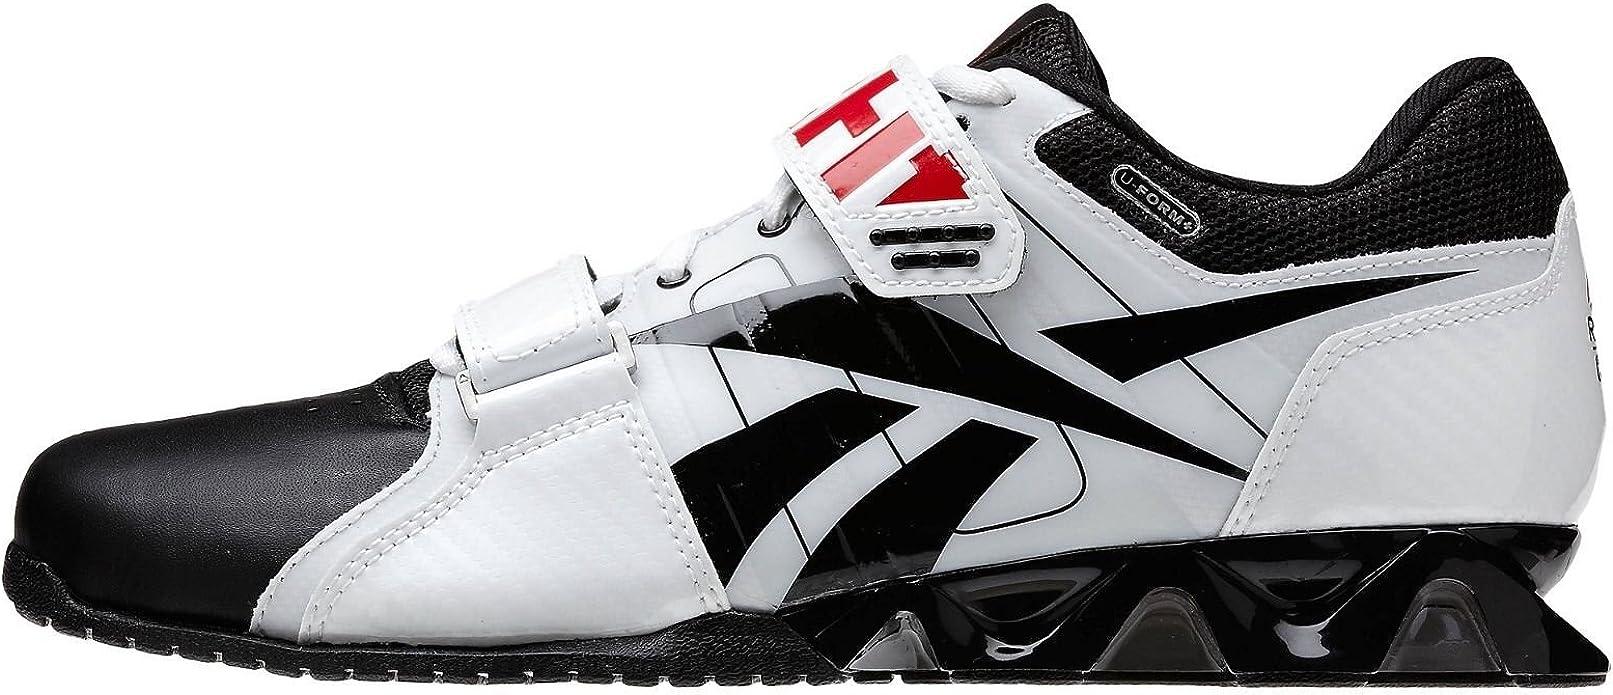 Reebok R Crossfit Lifter Plus Zapatillas de Entrenamiento para Hombre, Blanco (Blanco), 8.5 B(M) US: Amazon.es: Zapatos y complementos